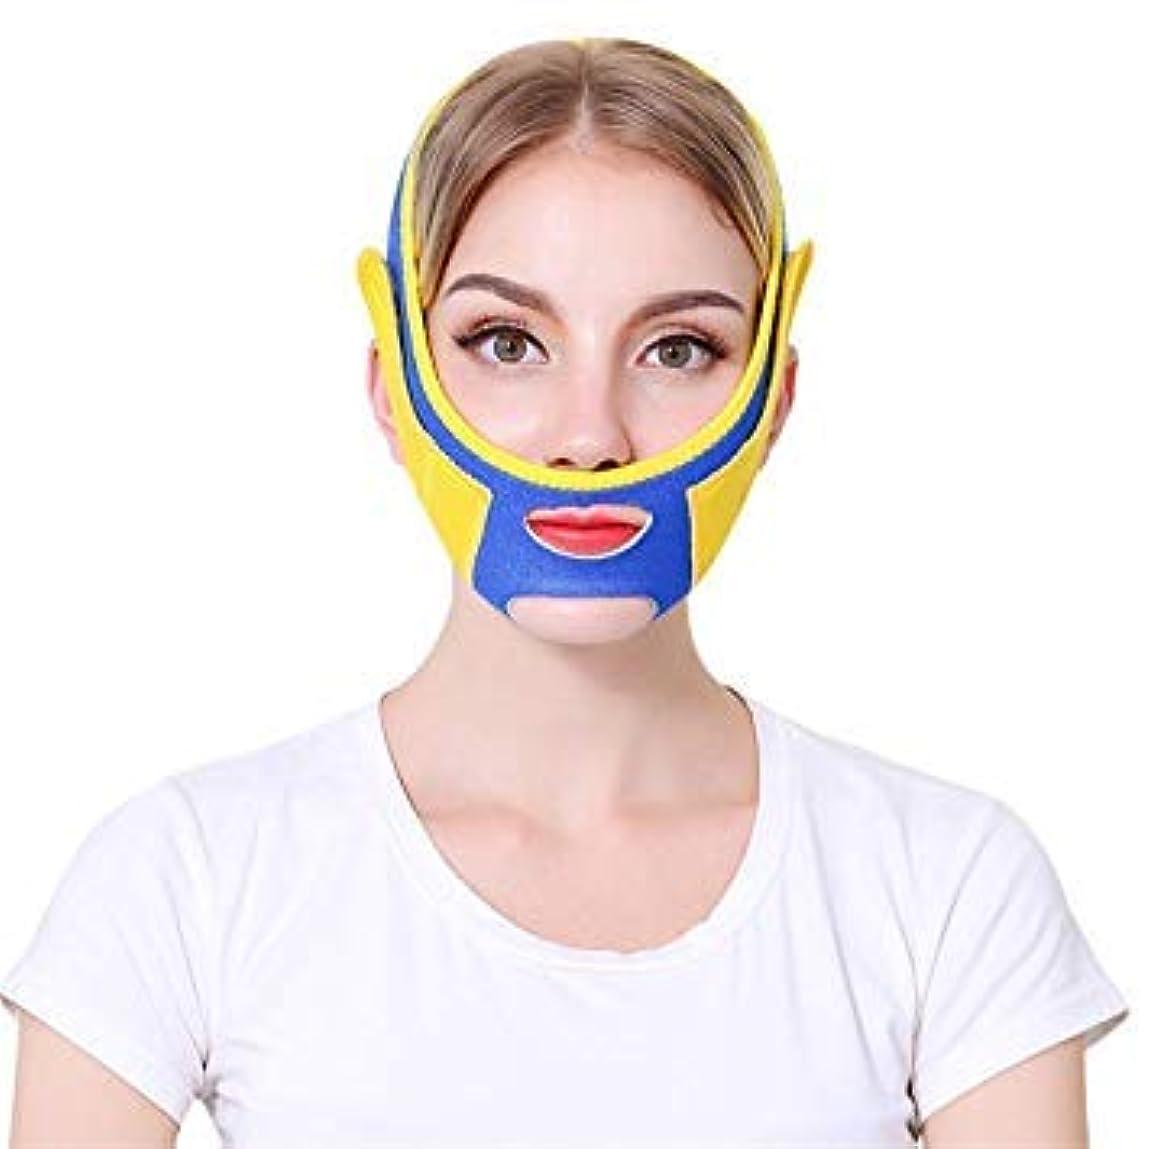 ピンポジティブサイレント顔のリフティングスリムウエストバンド、頬のV字型リフティング薄型マスク、滑らかで通気性のあるコンプレッションダブルあご付きで包帯を減らし、フェイスリフト/スリミング/スリープフェイス/マスクで体重を減らします (blue)